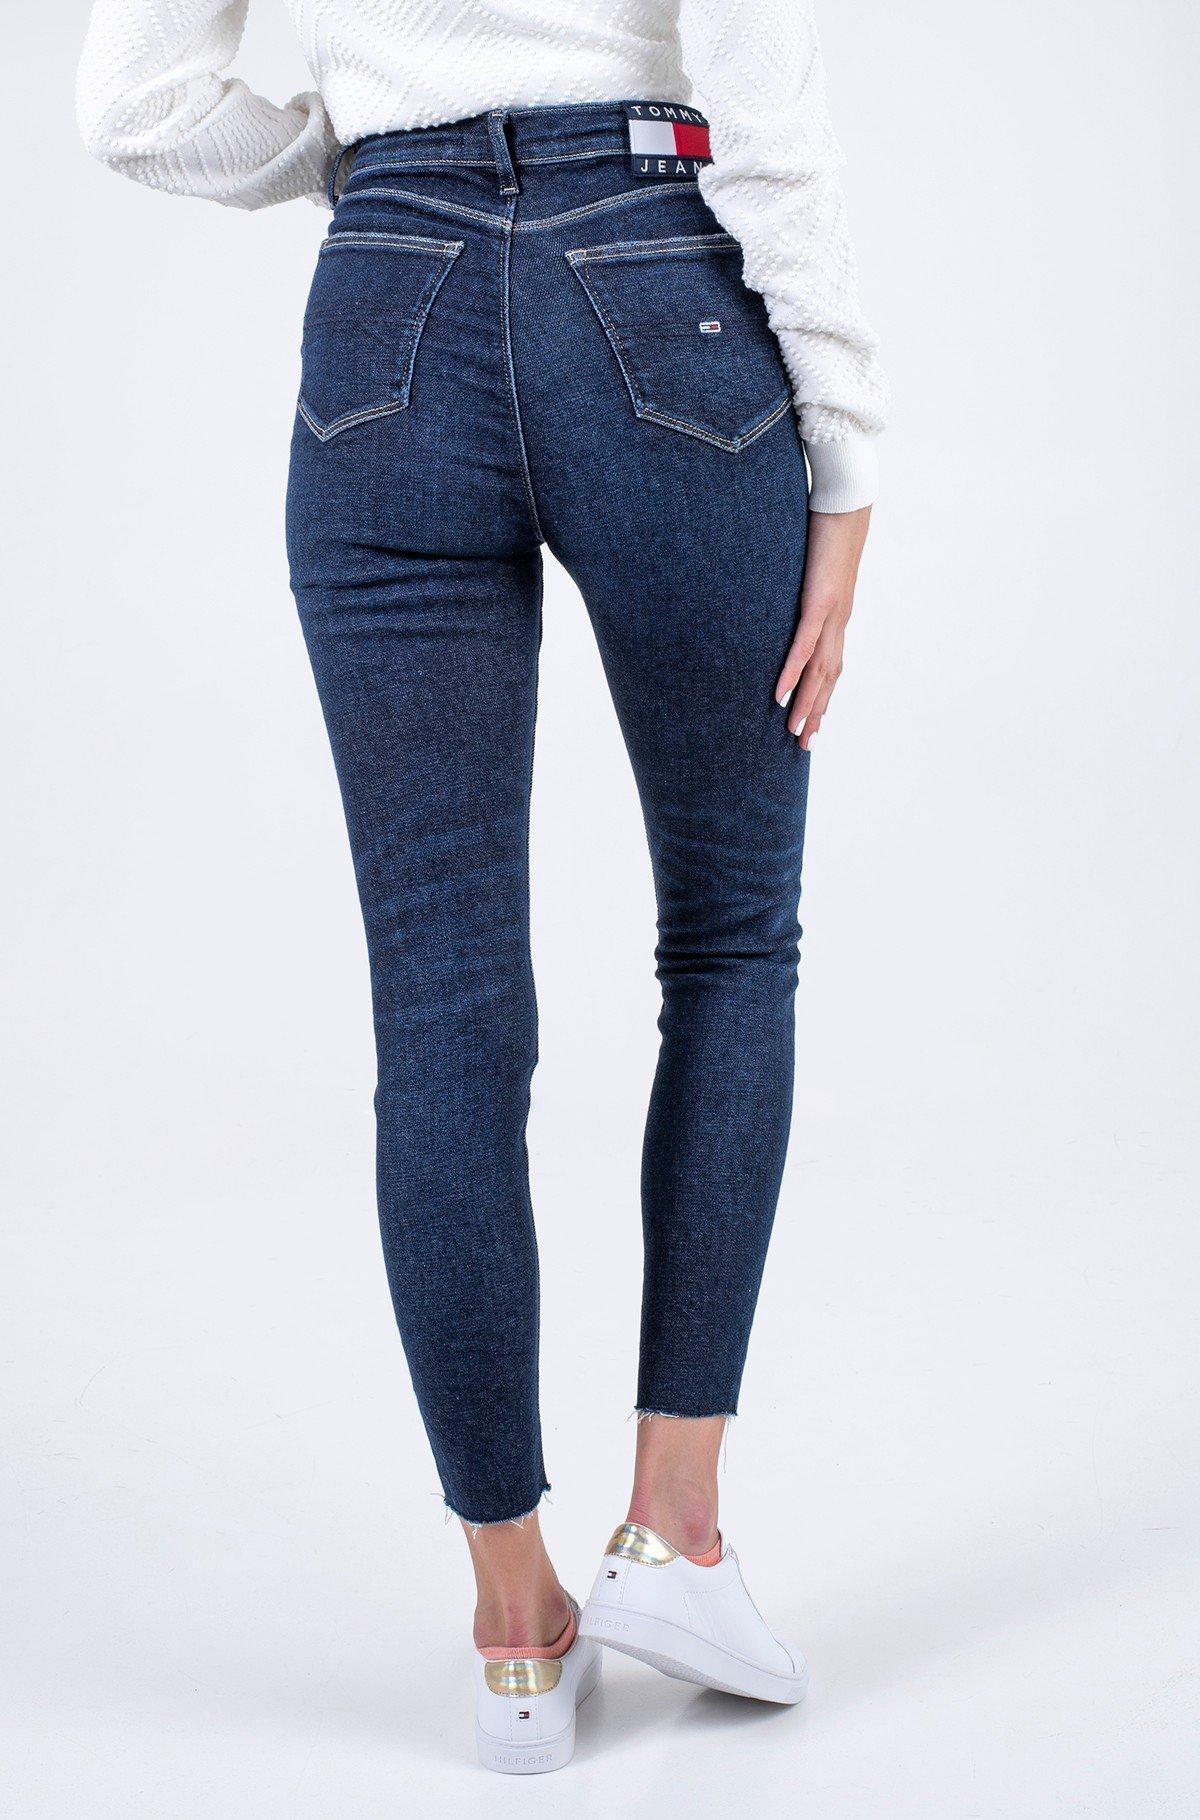 Jeans MELANY UHR SPR SKNY ANKLE FJDBS-full-2